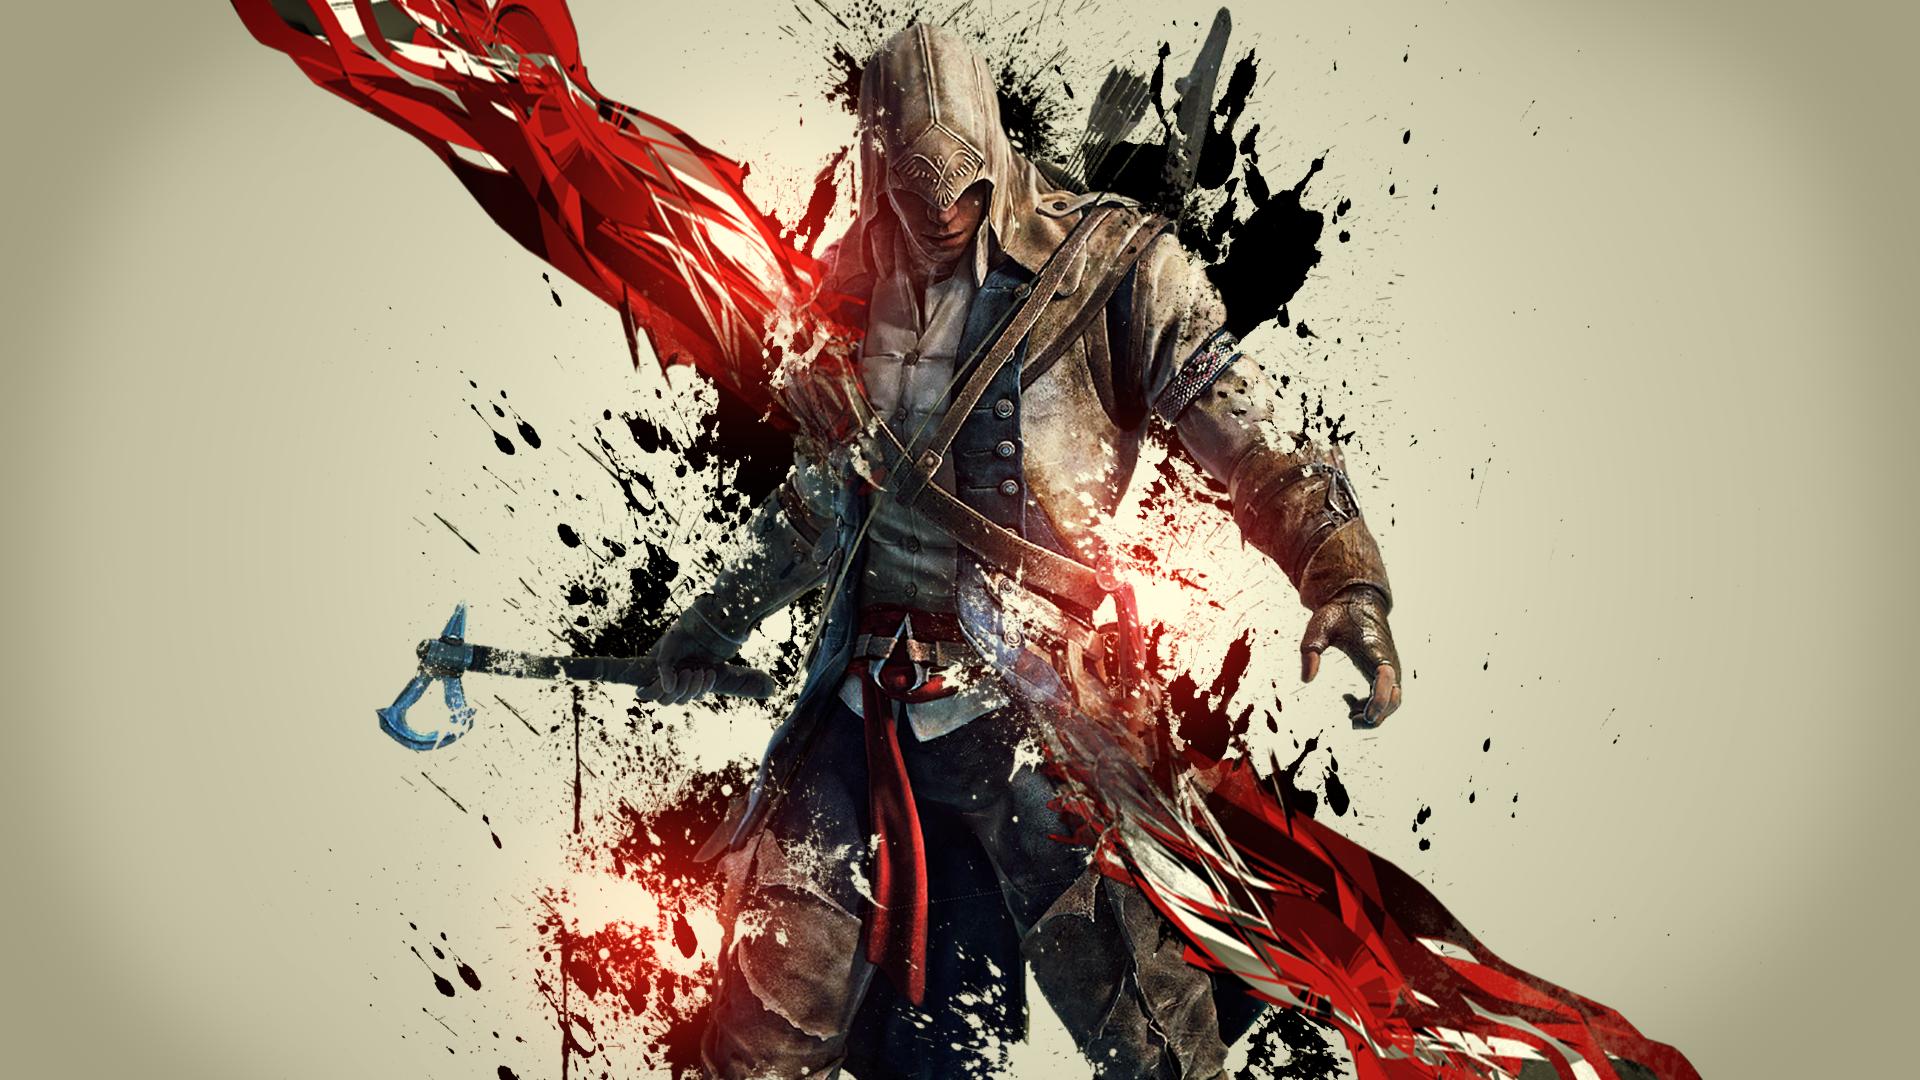 Fotos   Assassins Creed 3 Wallpaper 1 1920x1080